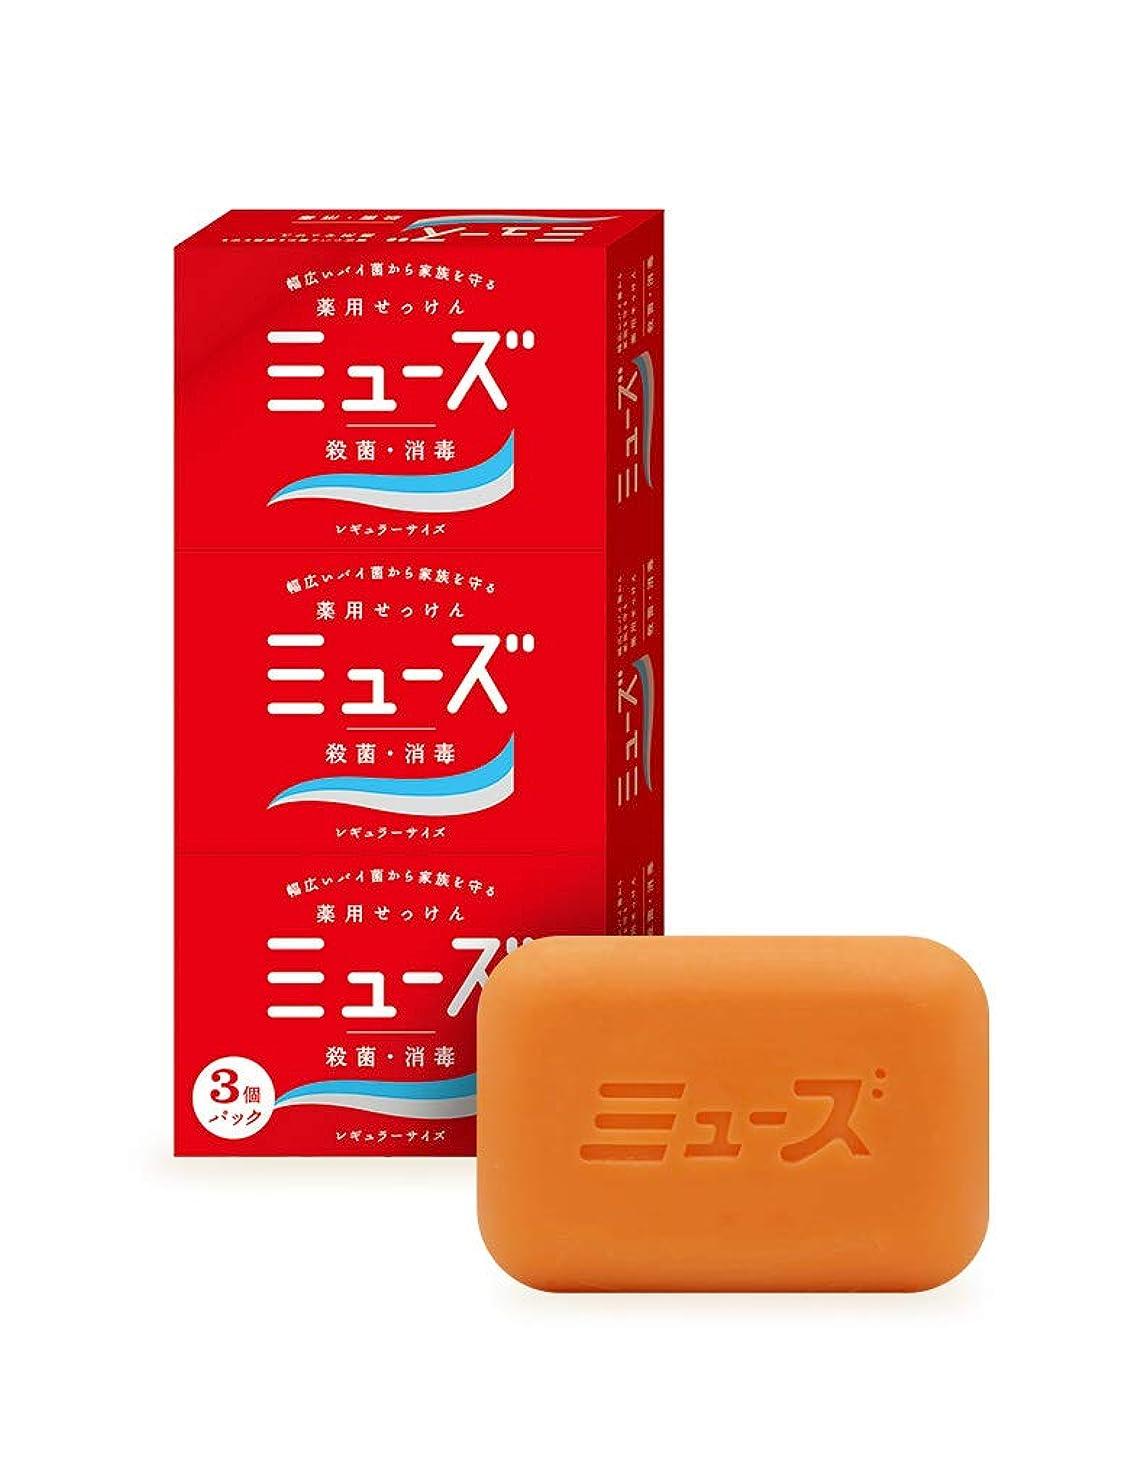 言い換えると責任臭い【医薬部外品】ミューズ石鹸 レギュラー 95g×3個パック